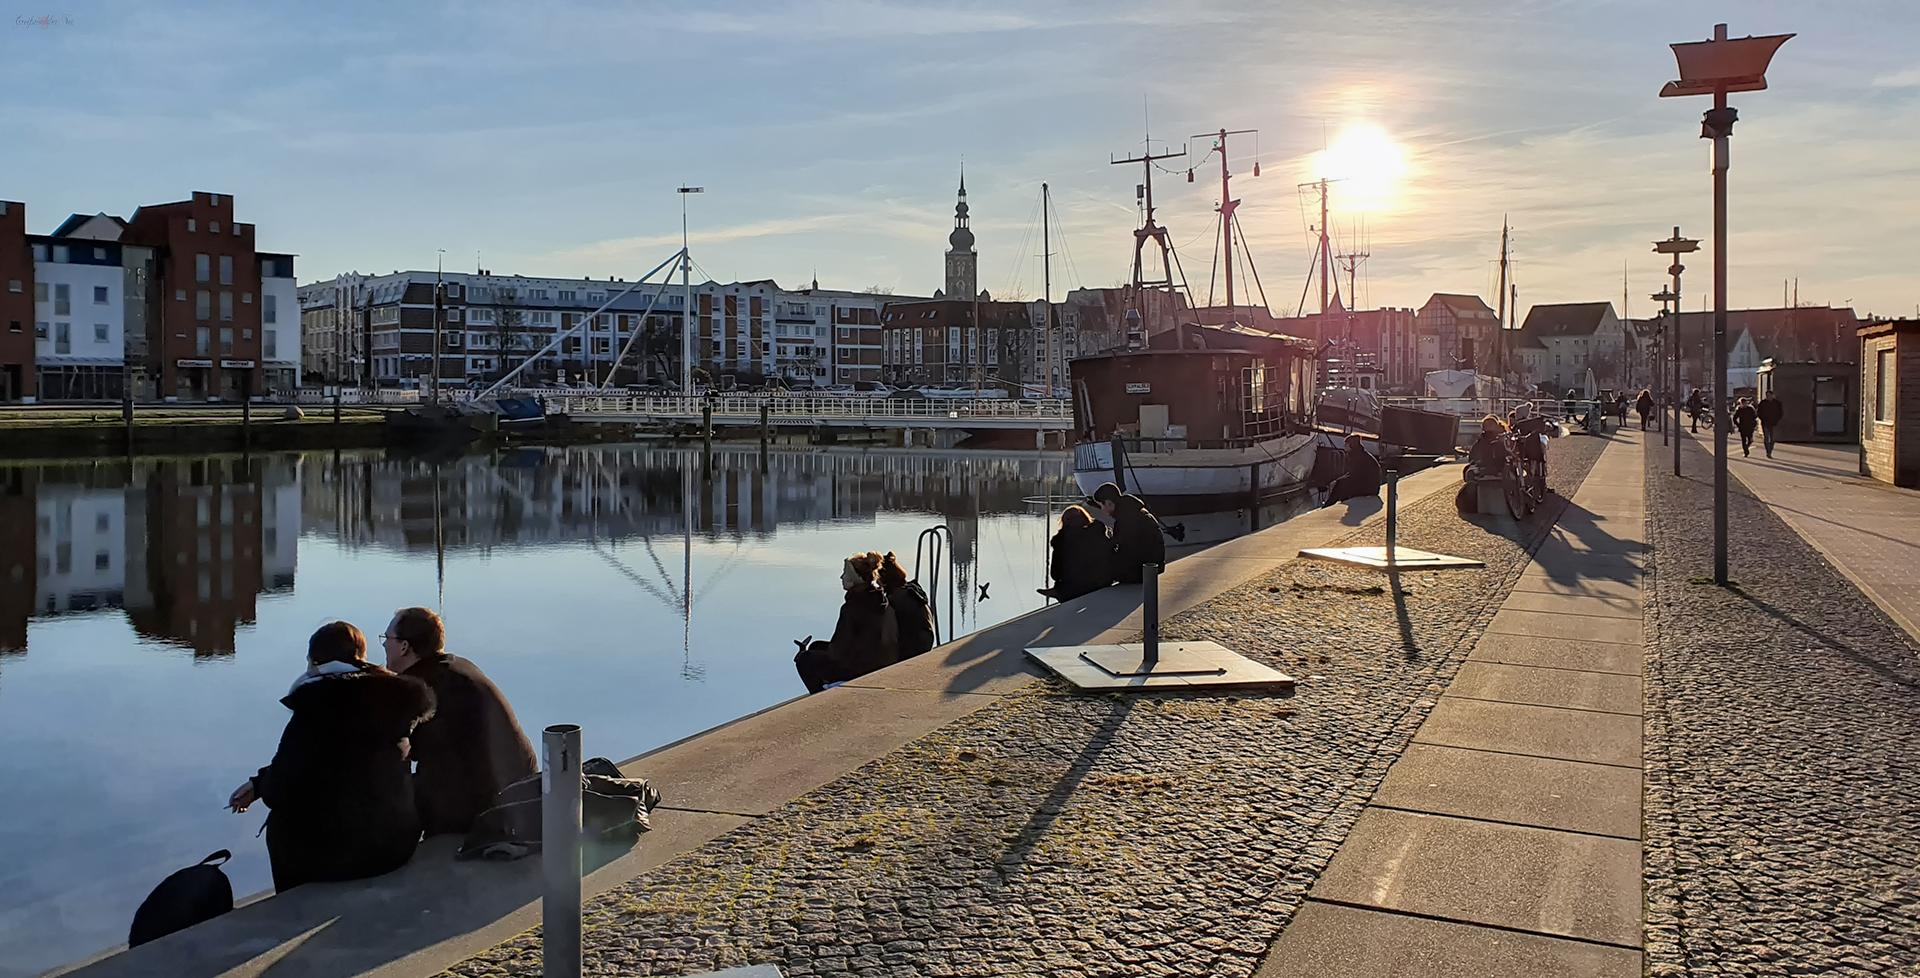 Nachmittag am Museumshafen Greifswald